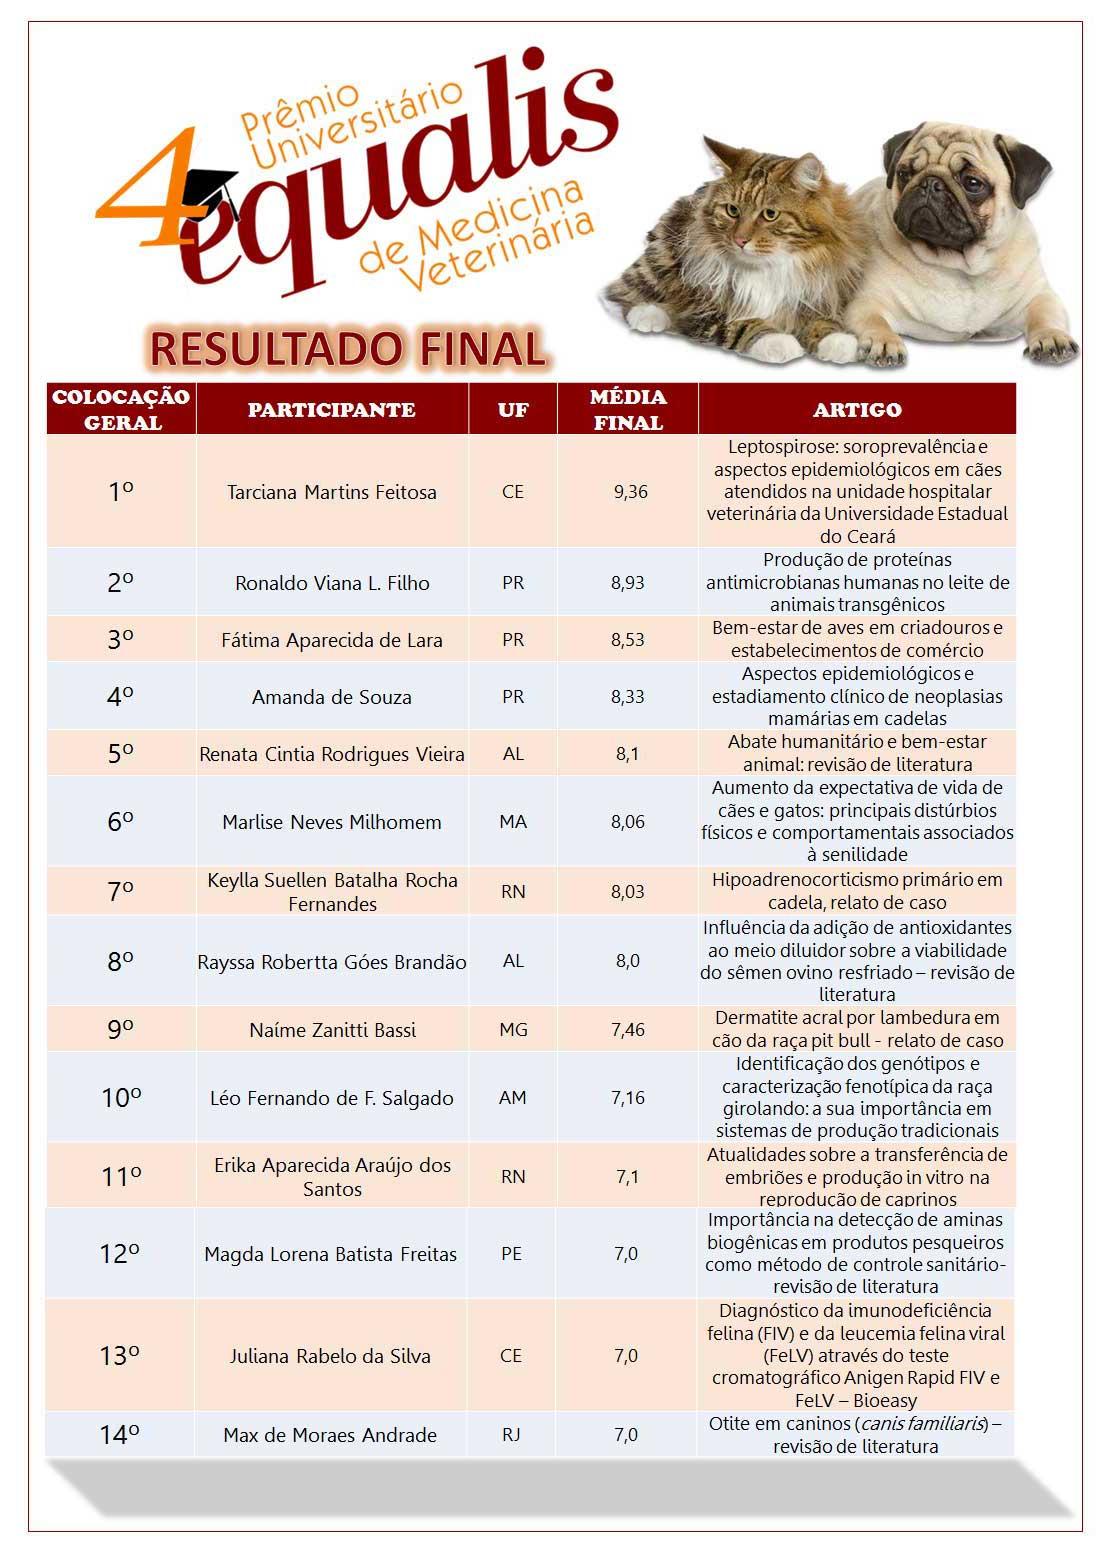 Resultado Prêmio Universitário 2013 – 4ª edição